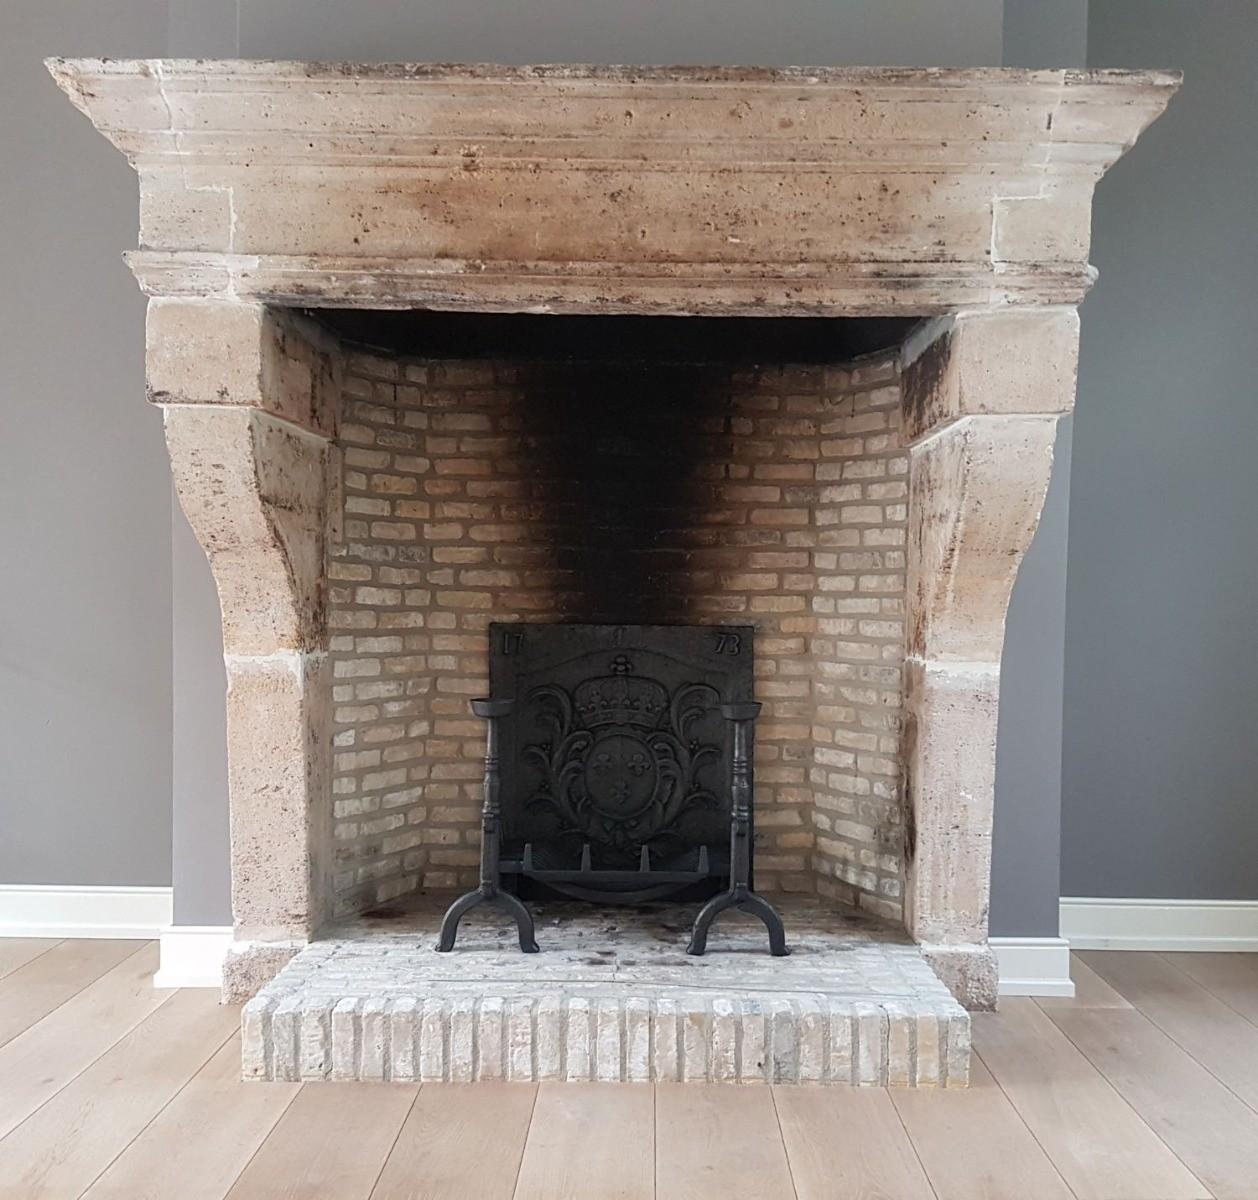 La Haye, Pays-Bas: Plaque de cheminée délivré par https://www.plaque-de-cheminee.fr